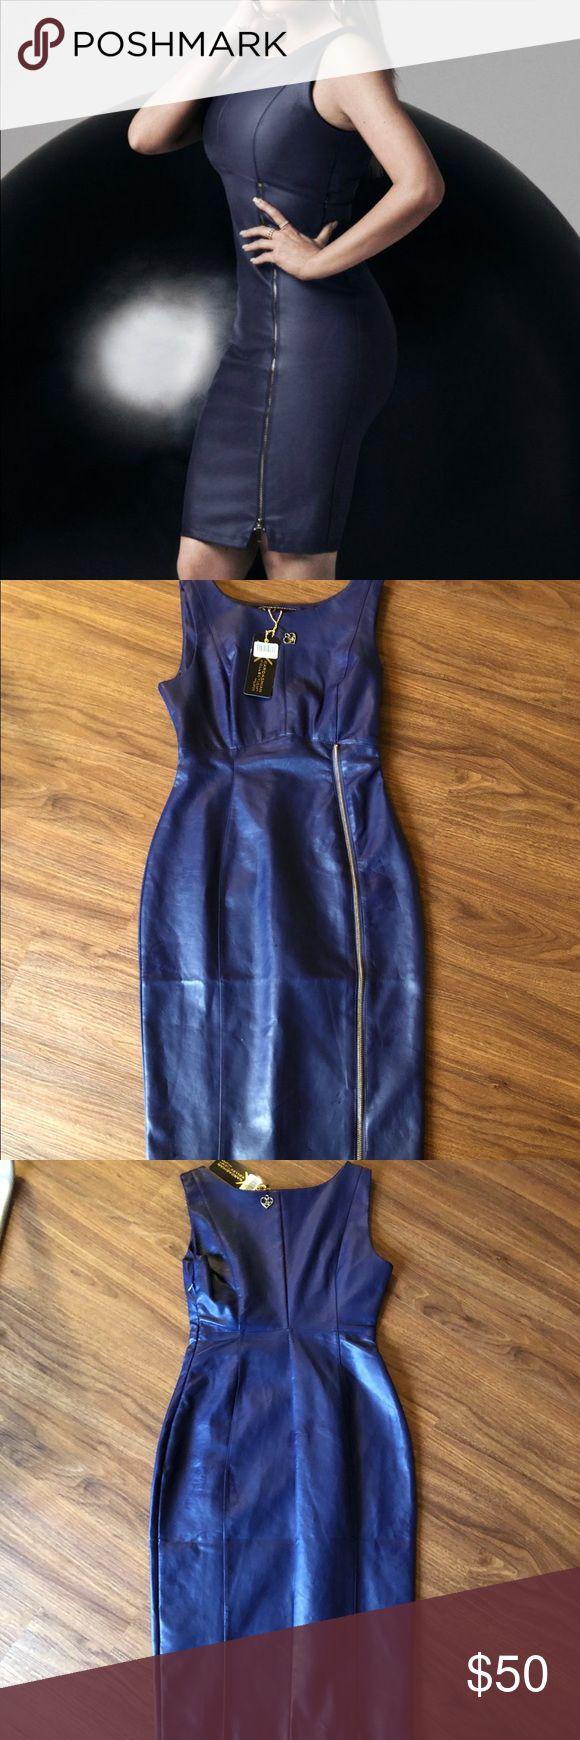 NWT Kardashian Kollection faux leather dress navy Nwt Kardashian Kollection faux leather dress  Size 4 navy blue Kardashian Kollection Dresses